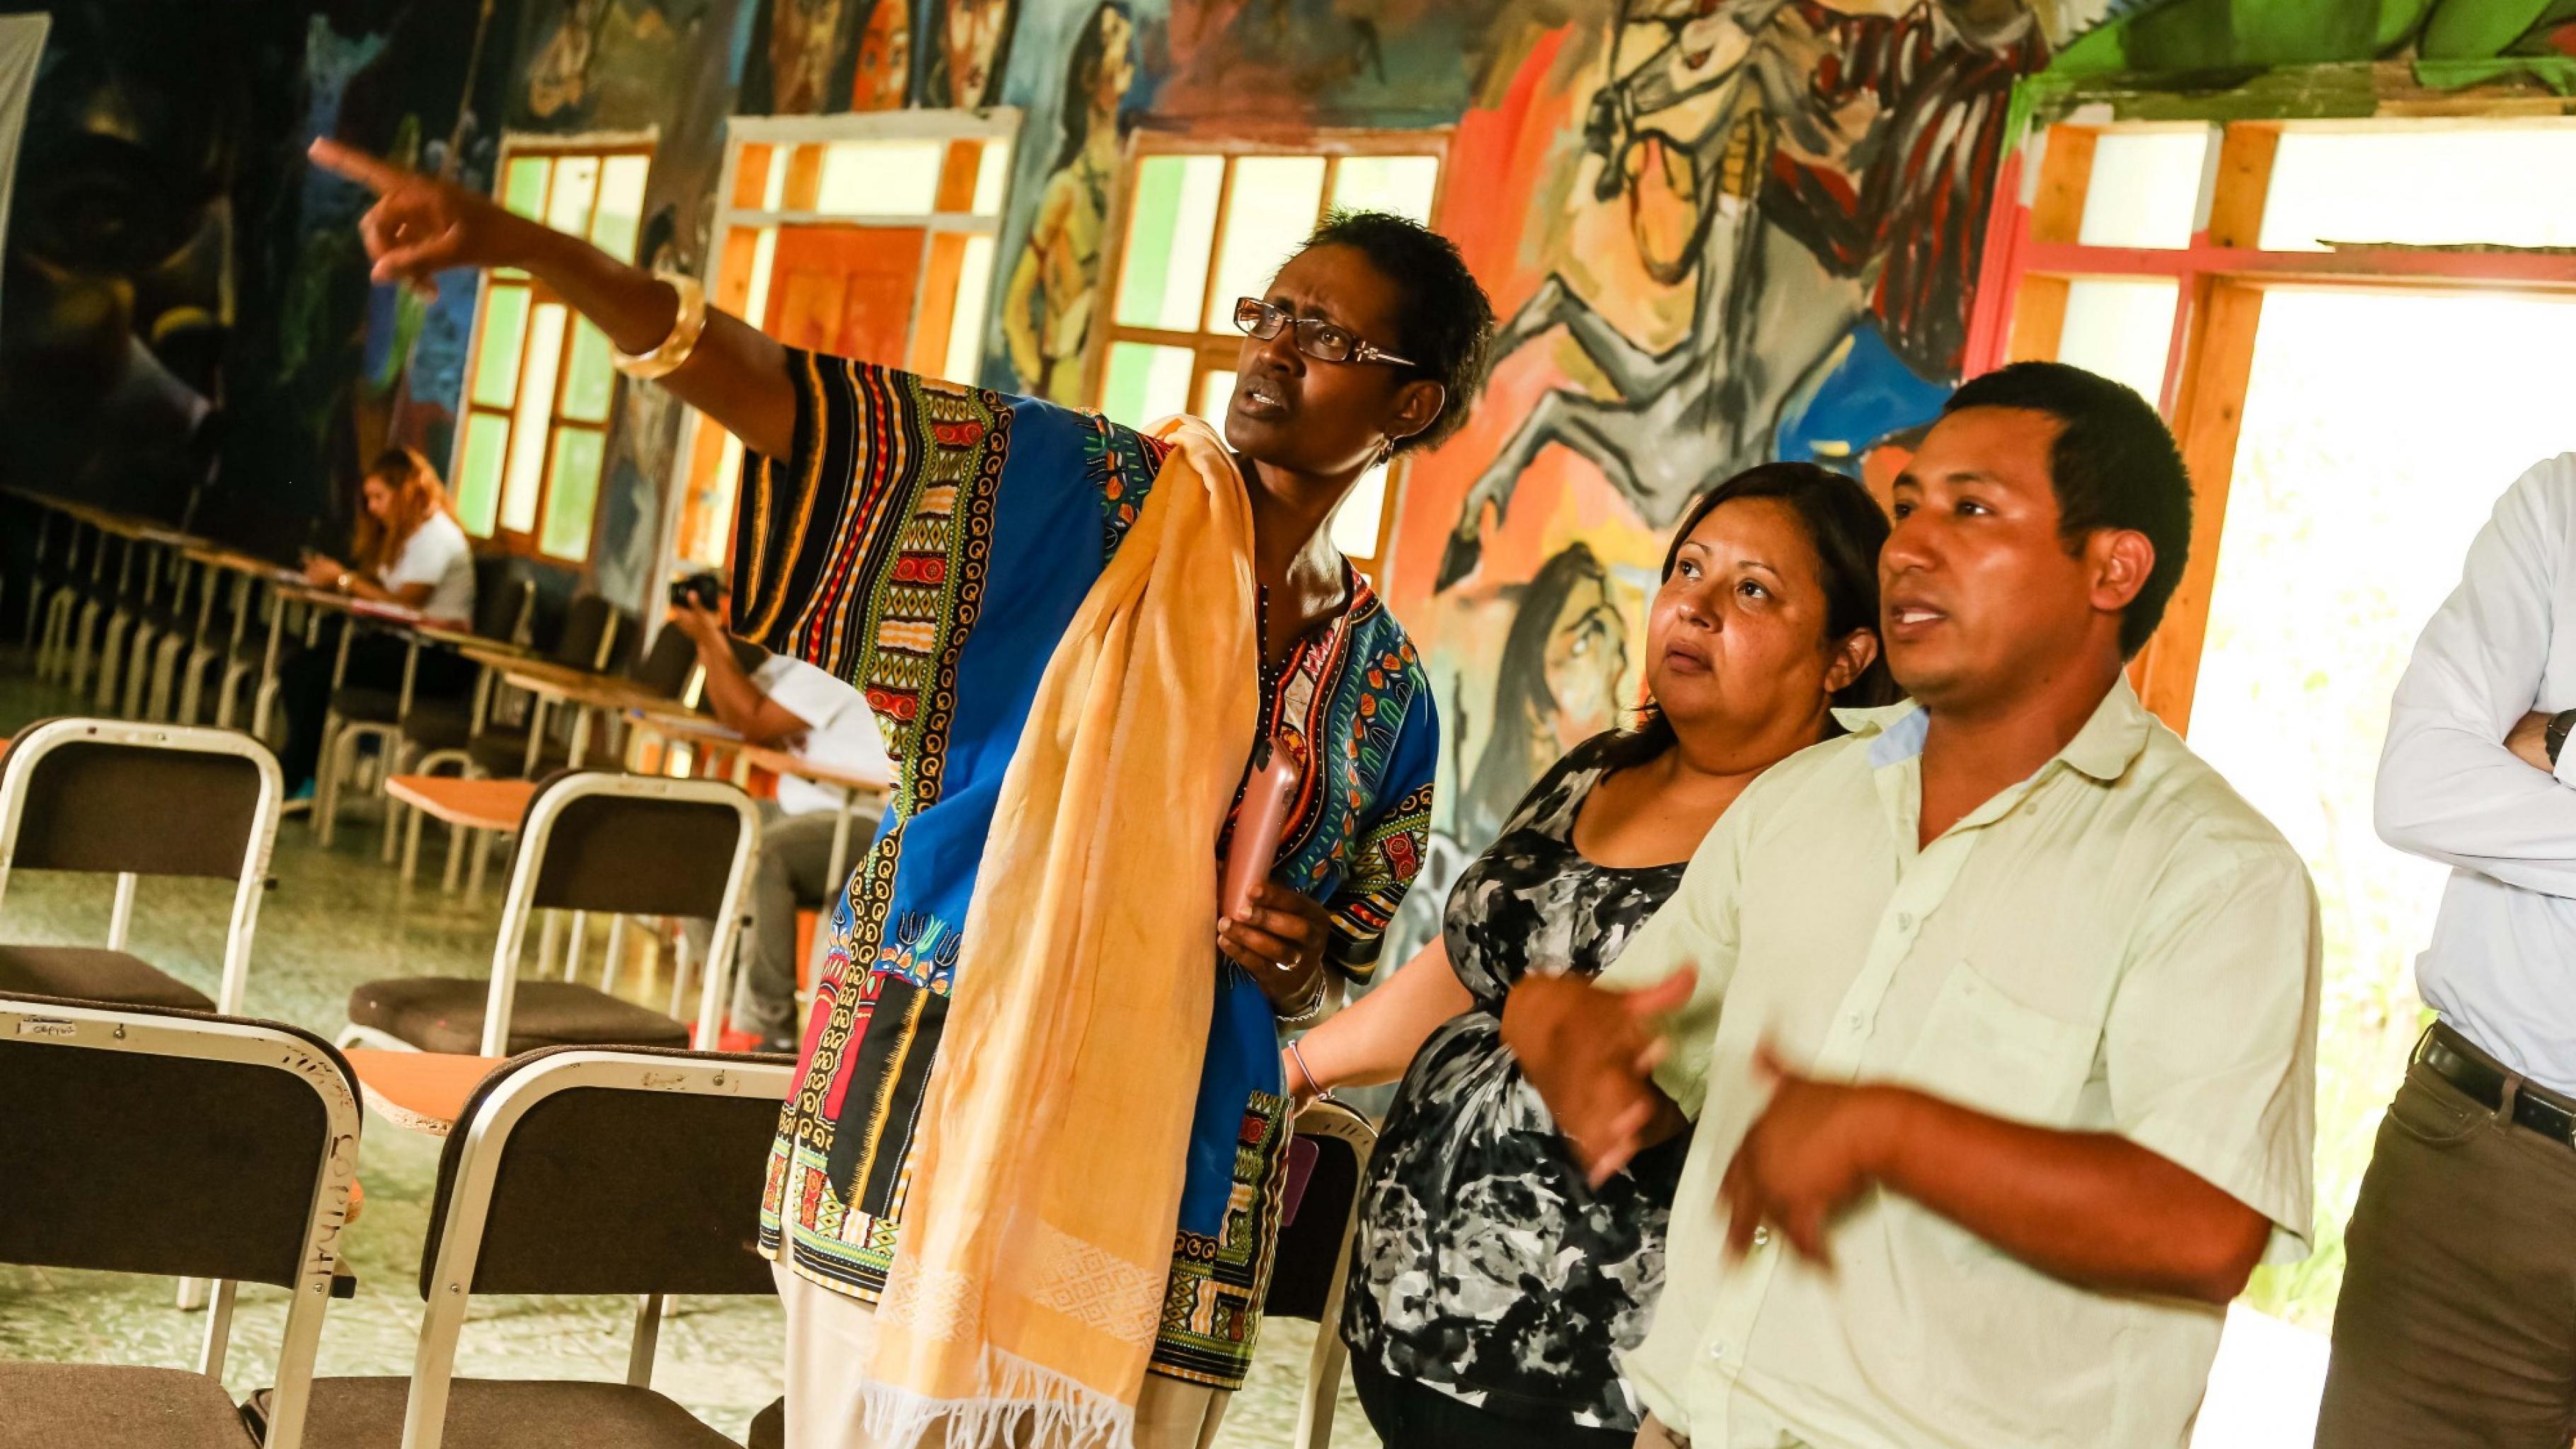 Ein Mann erklärt Winnie Byanyima die reichverzierten Wände in einem ansonsten sehr schlichten Versammlungsraum.